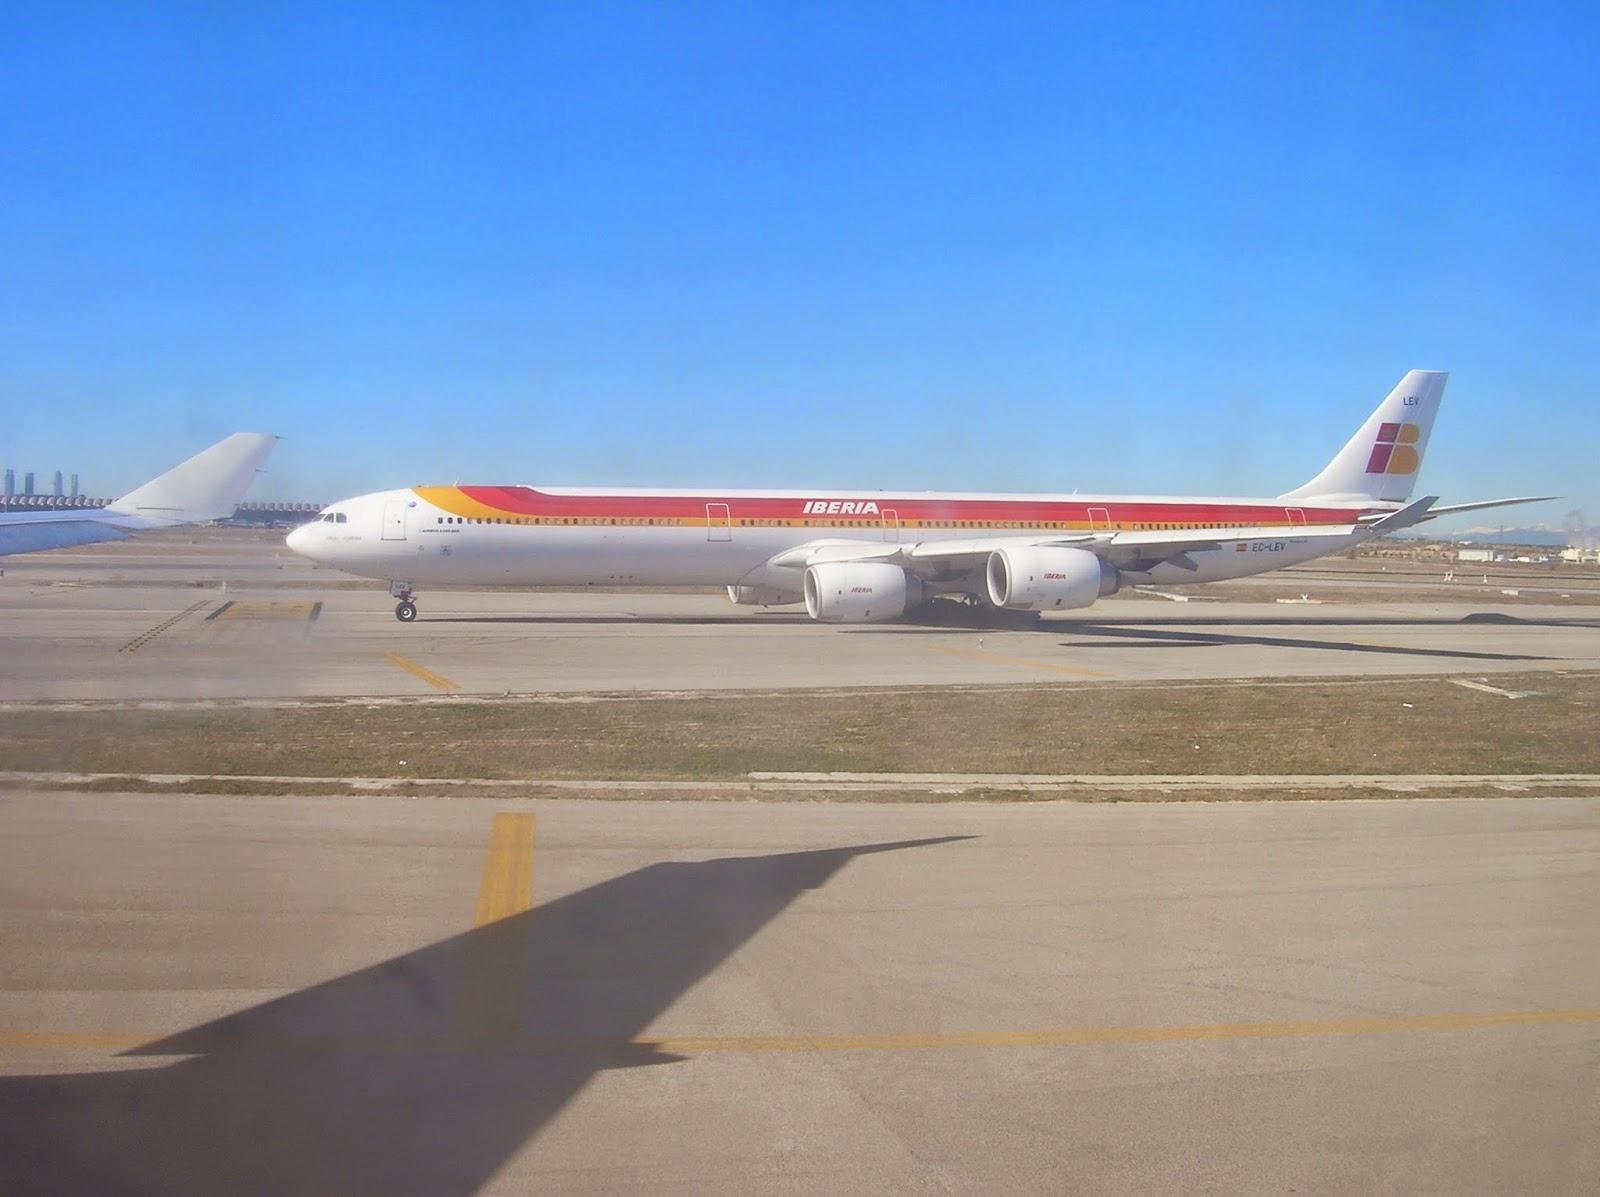 viaje avion paris: